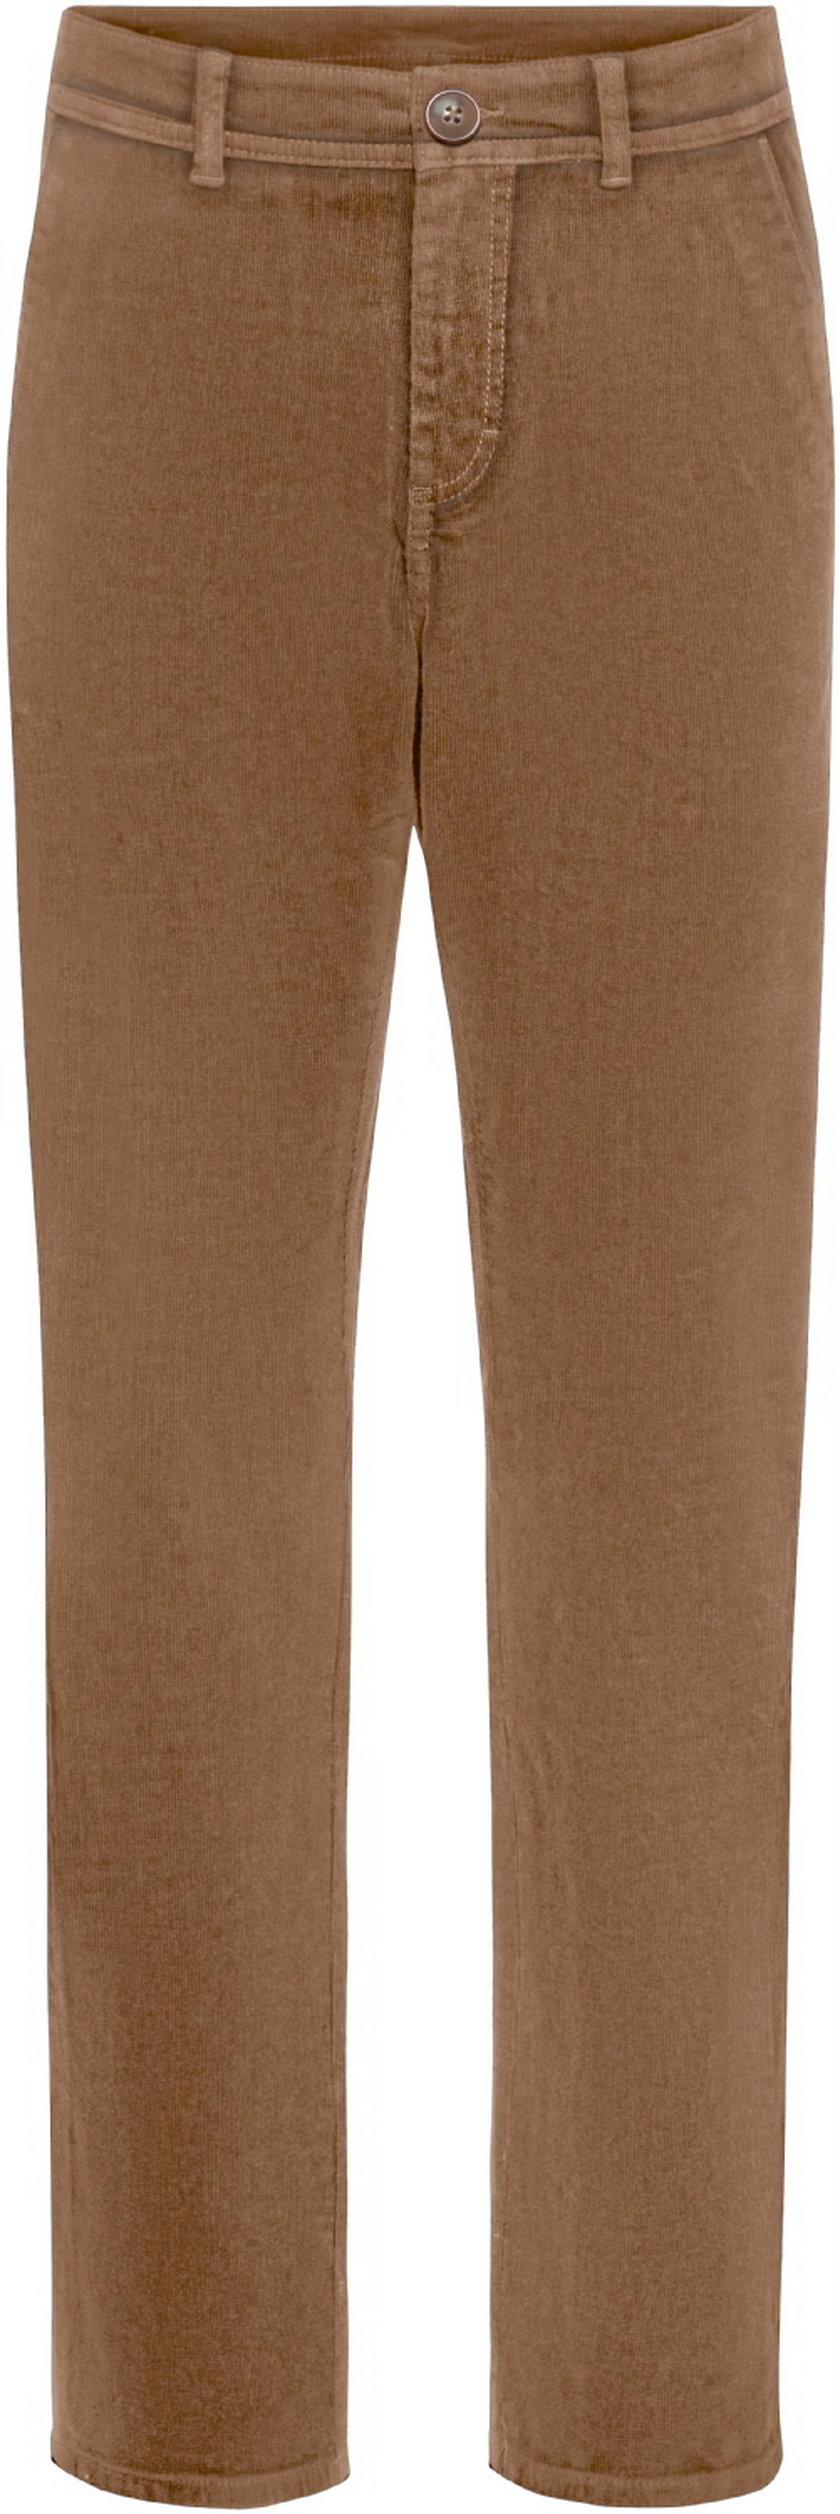 Livergy, spodnies ztruksowe męskie